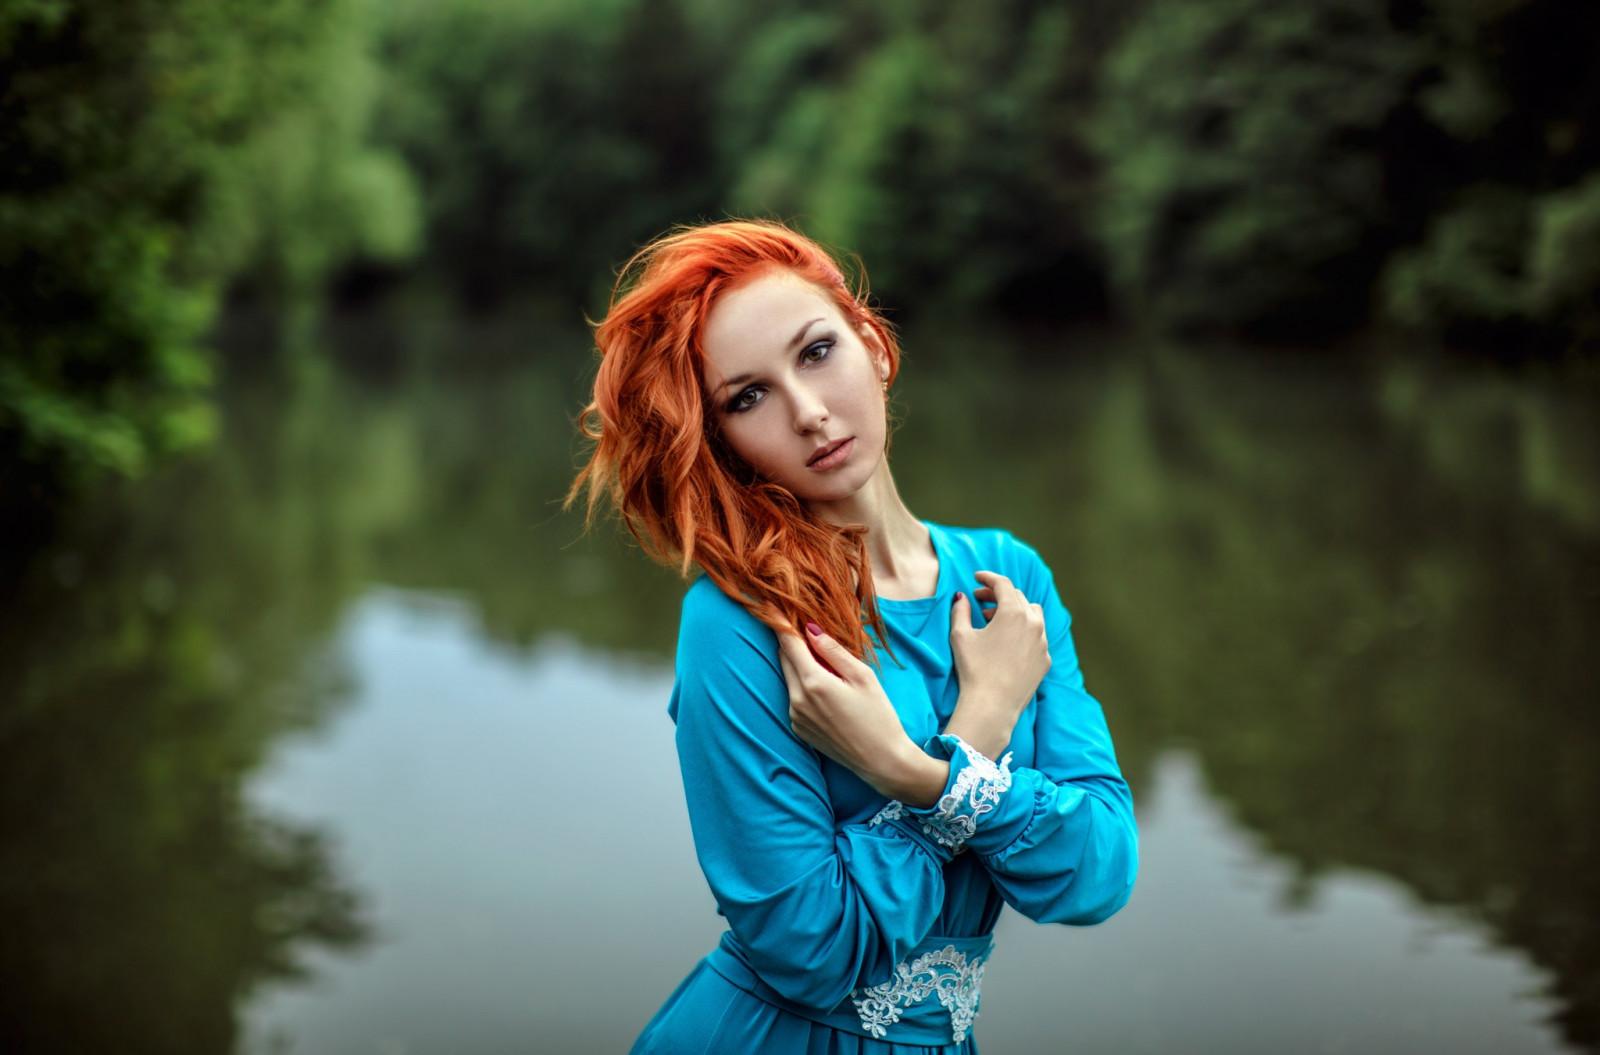 даже оставила рыжая девушка в синей рубашке большим удовольствием делают